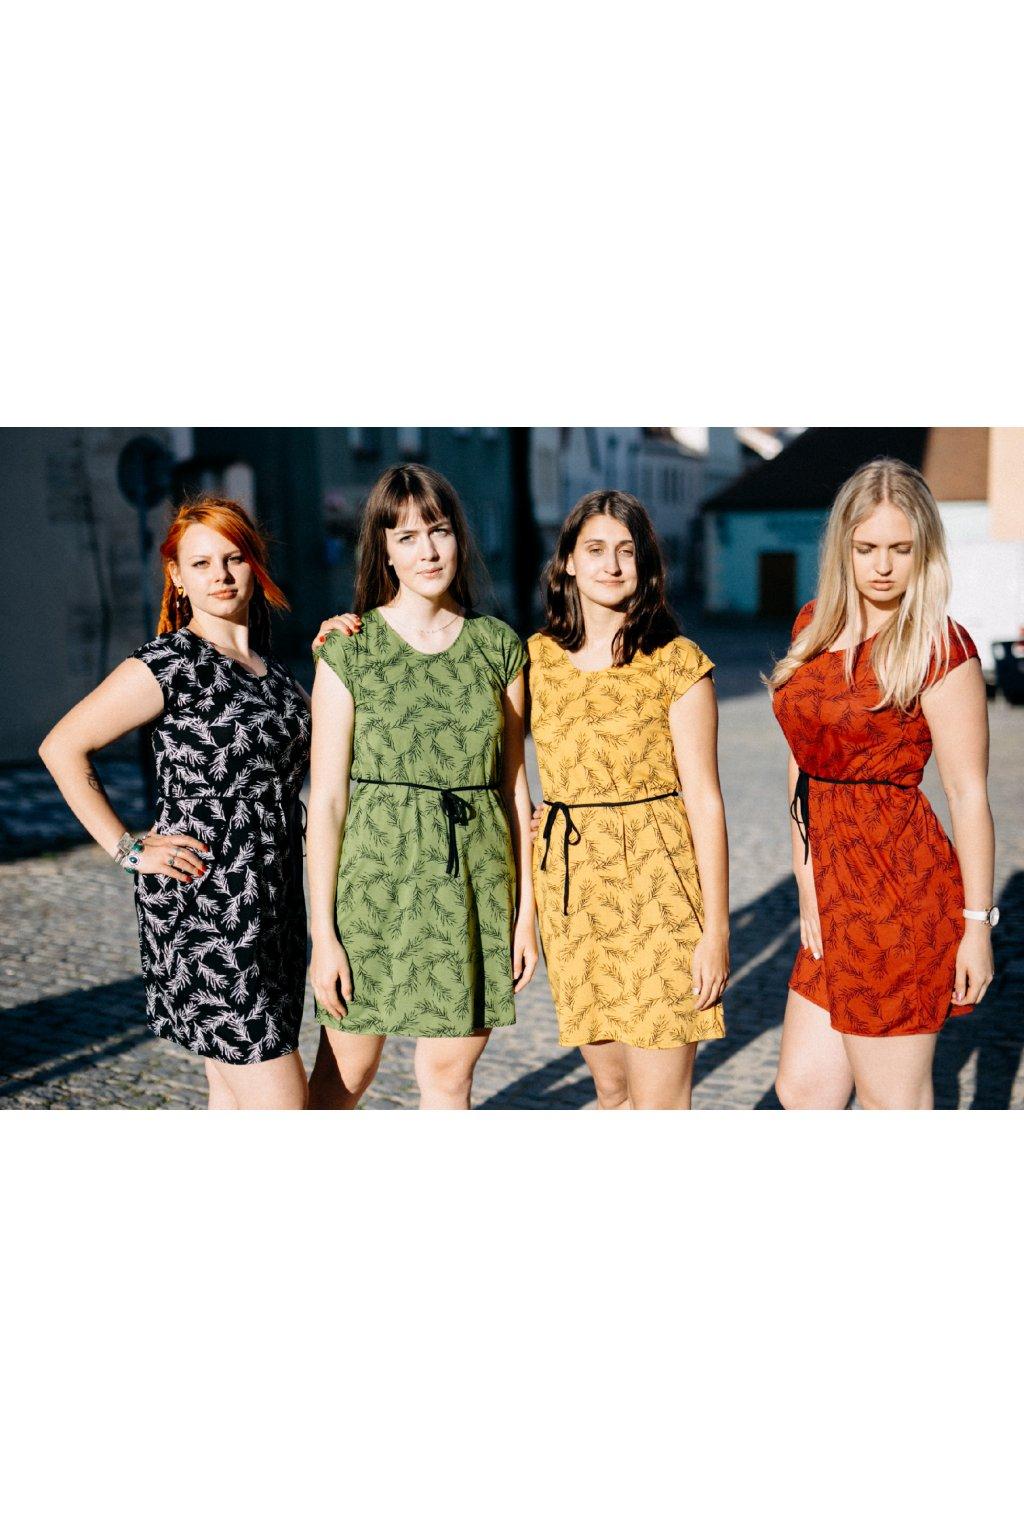 šaty PÍRKA v barevných variantách